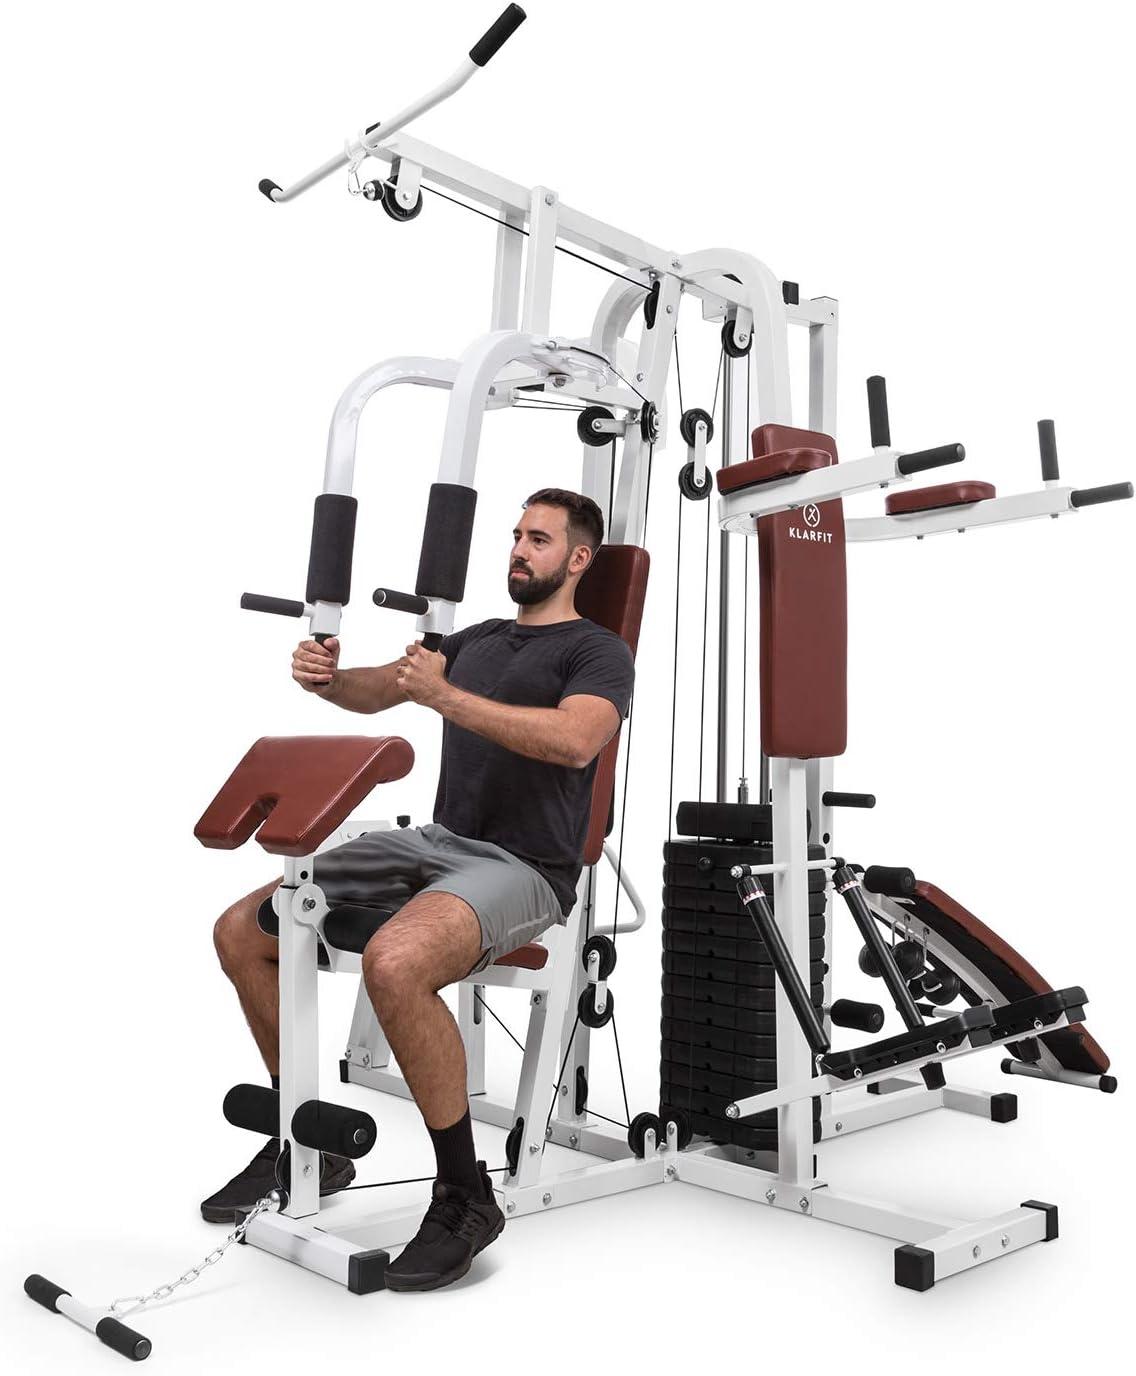 Klarfit Ultimate Gym 9000 estación de Entrenamiento: paralelas, Banco declinado, Escalera, Curl, Prensa para Pierna, contractora y jalones (más de 100 Ejercicios para 2 Personas, MAX. 150kg) Blanco: Amazon.es: Deportes y aire libre